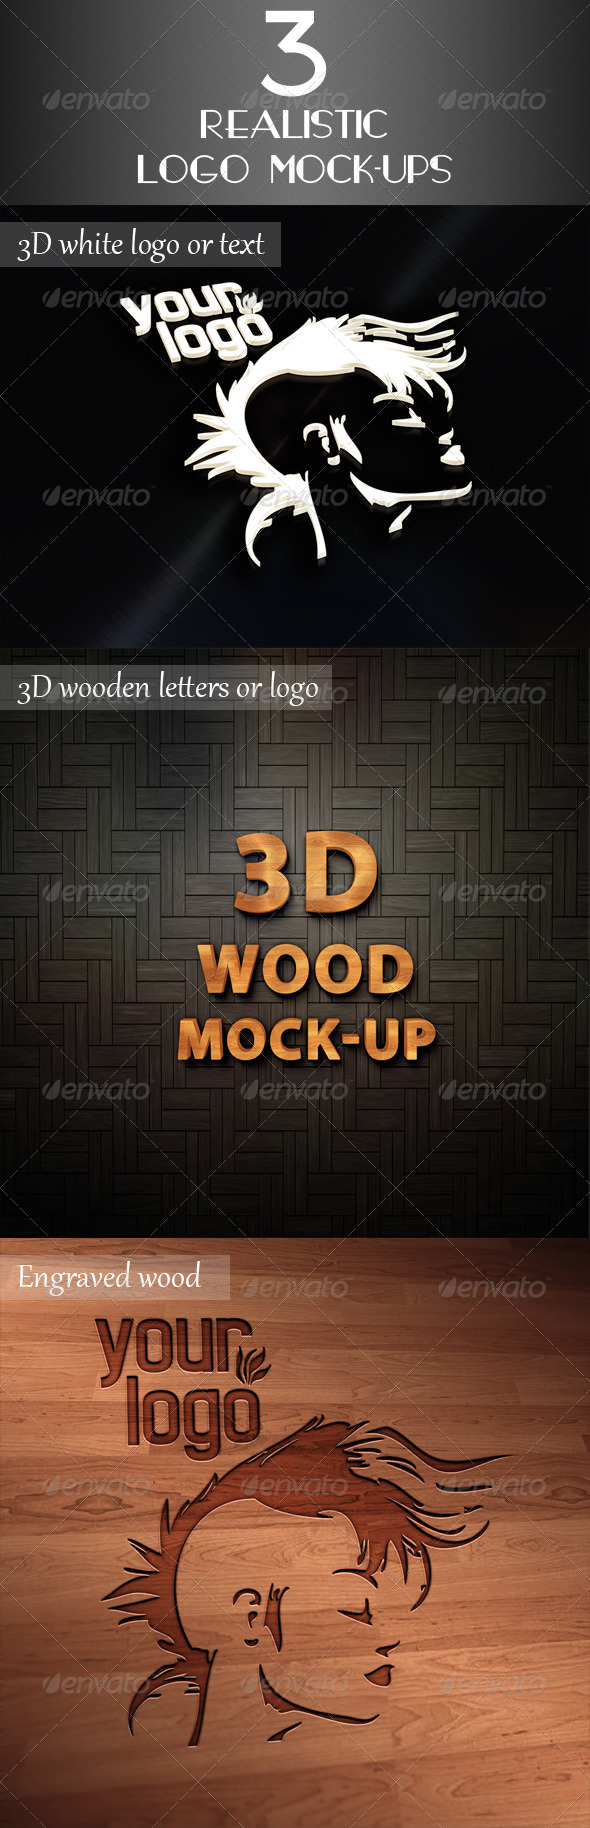 3 Realistic Logo Mock-Up - Logo Product Mock-Ups